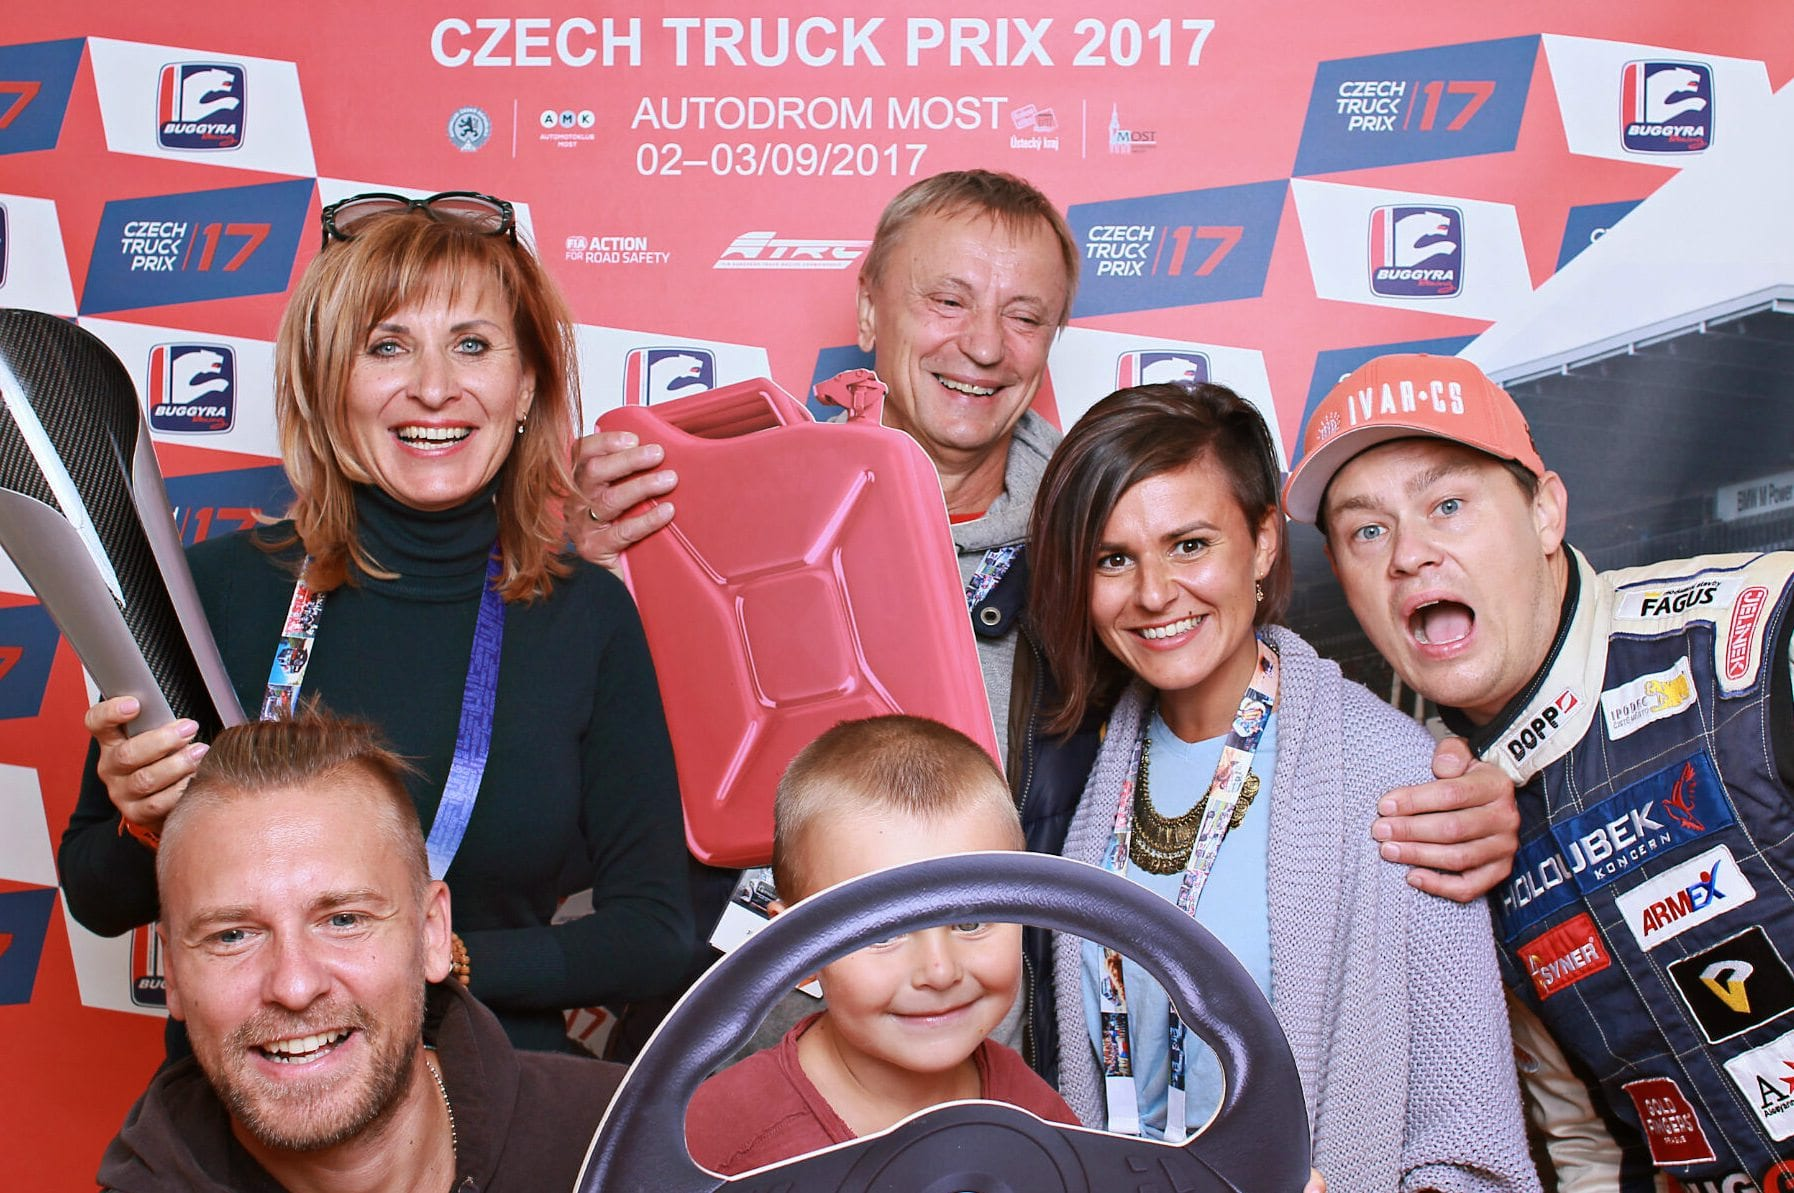 fotokoutek-czech-truck-prix-2017-nedele-302945